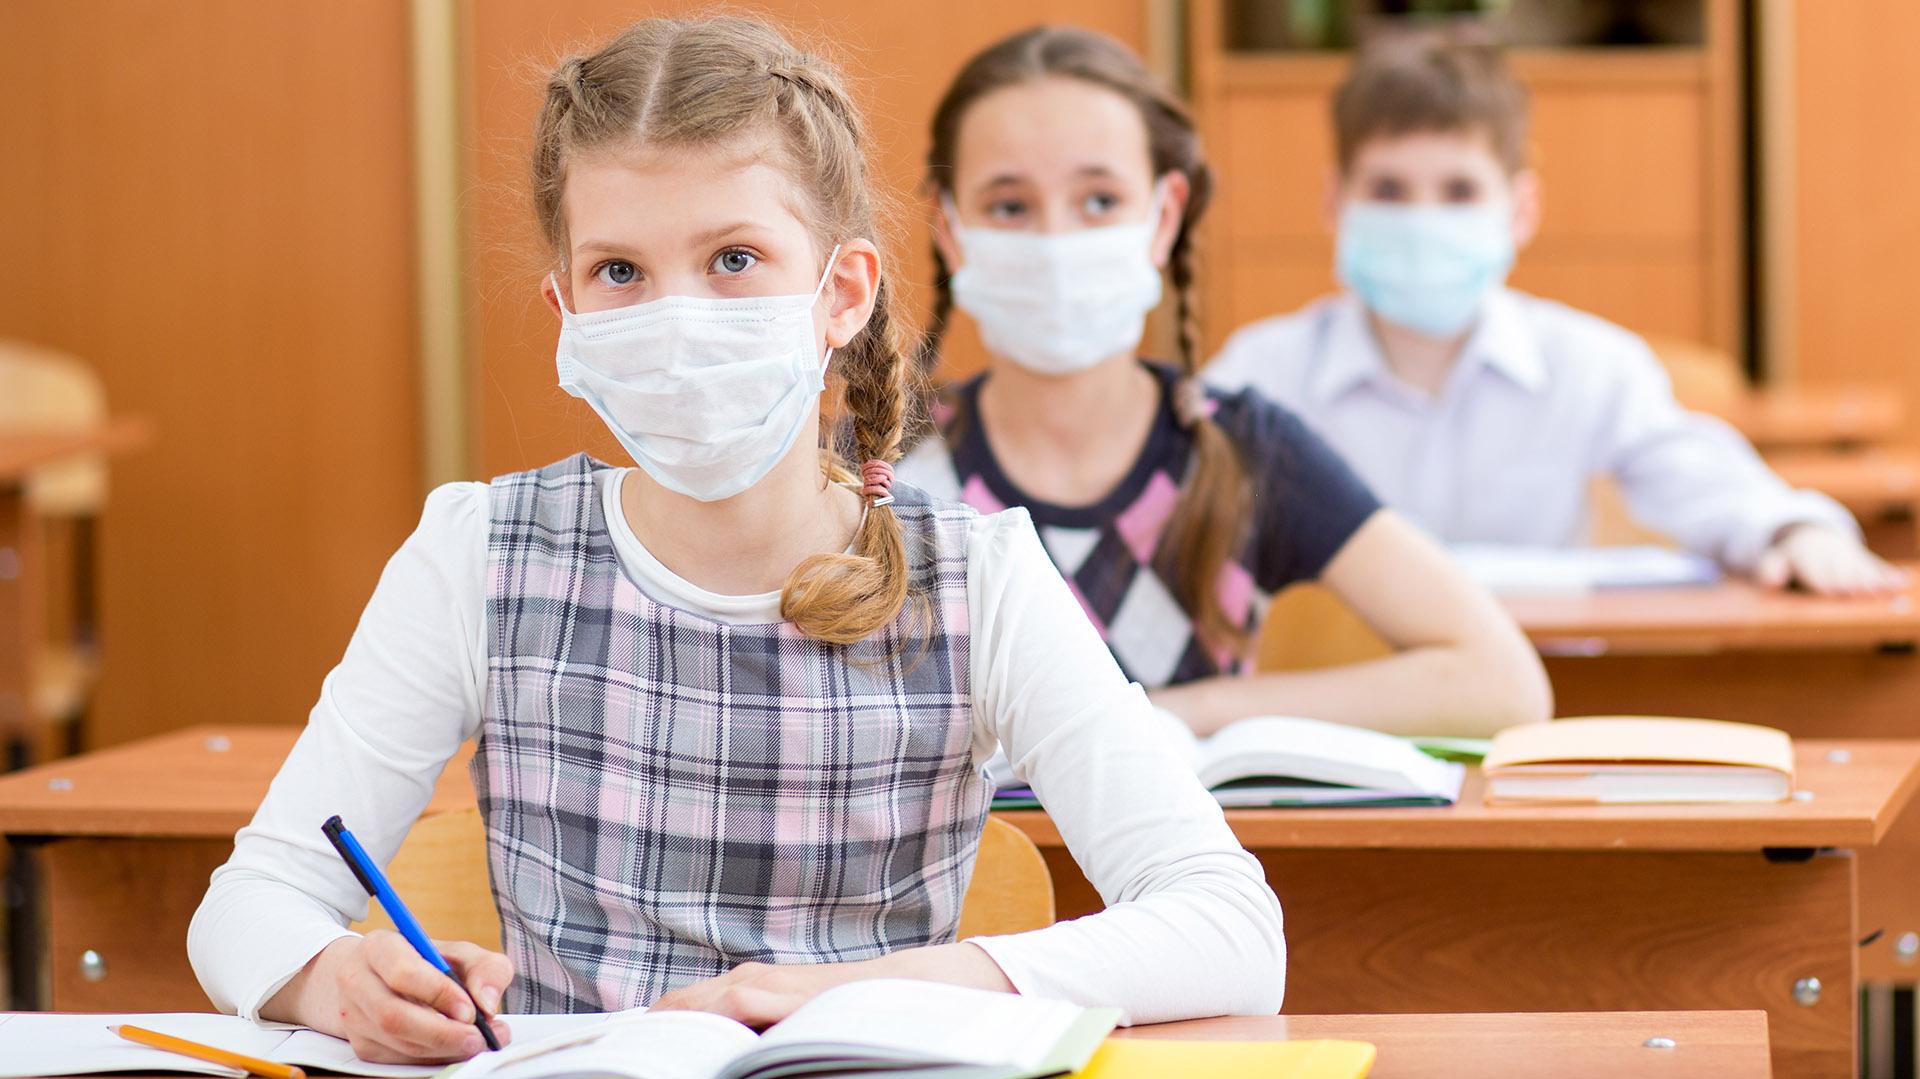 Si no se reducen las emisiones de dióxido de carbono, el futuro de la salud estará en problemas (iStock)